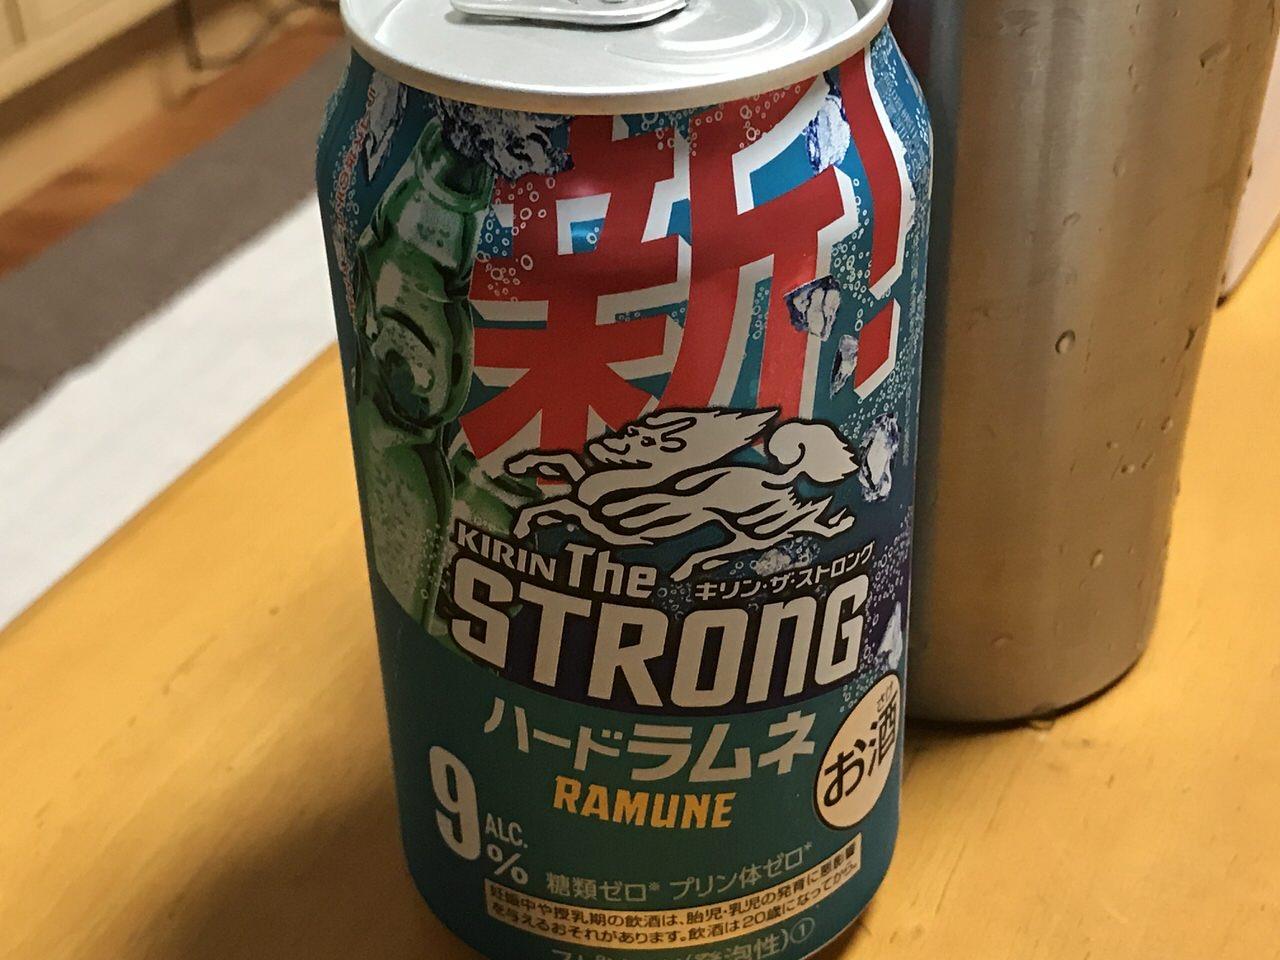 【キリン・ザ・ストロング】「ハードラムネ」を飲んだら超ラムネだった